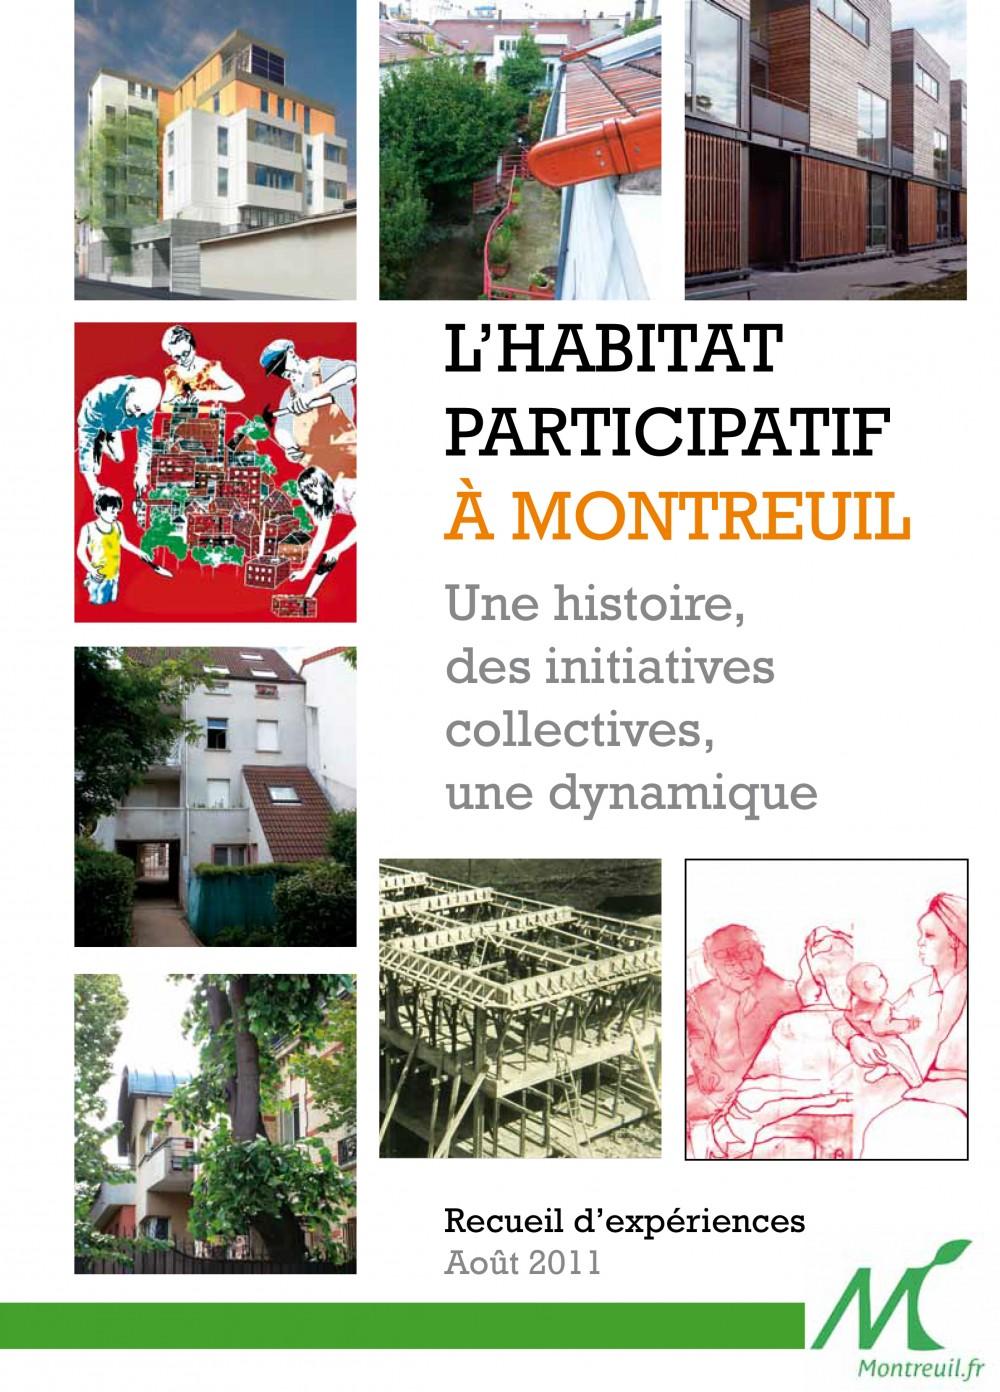 Journees portes ouvertes de l habitat participatif du 14 au 17 mai est ense - Loi alur habitat participatif ...